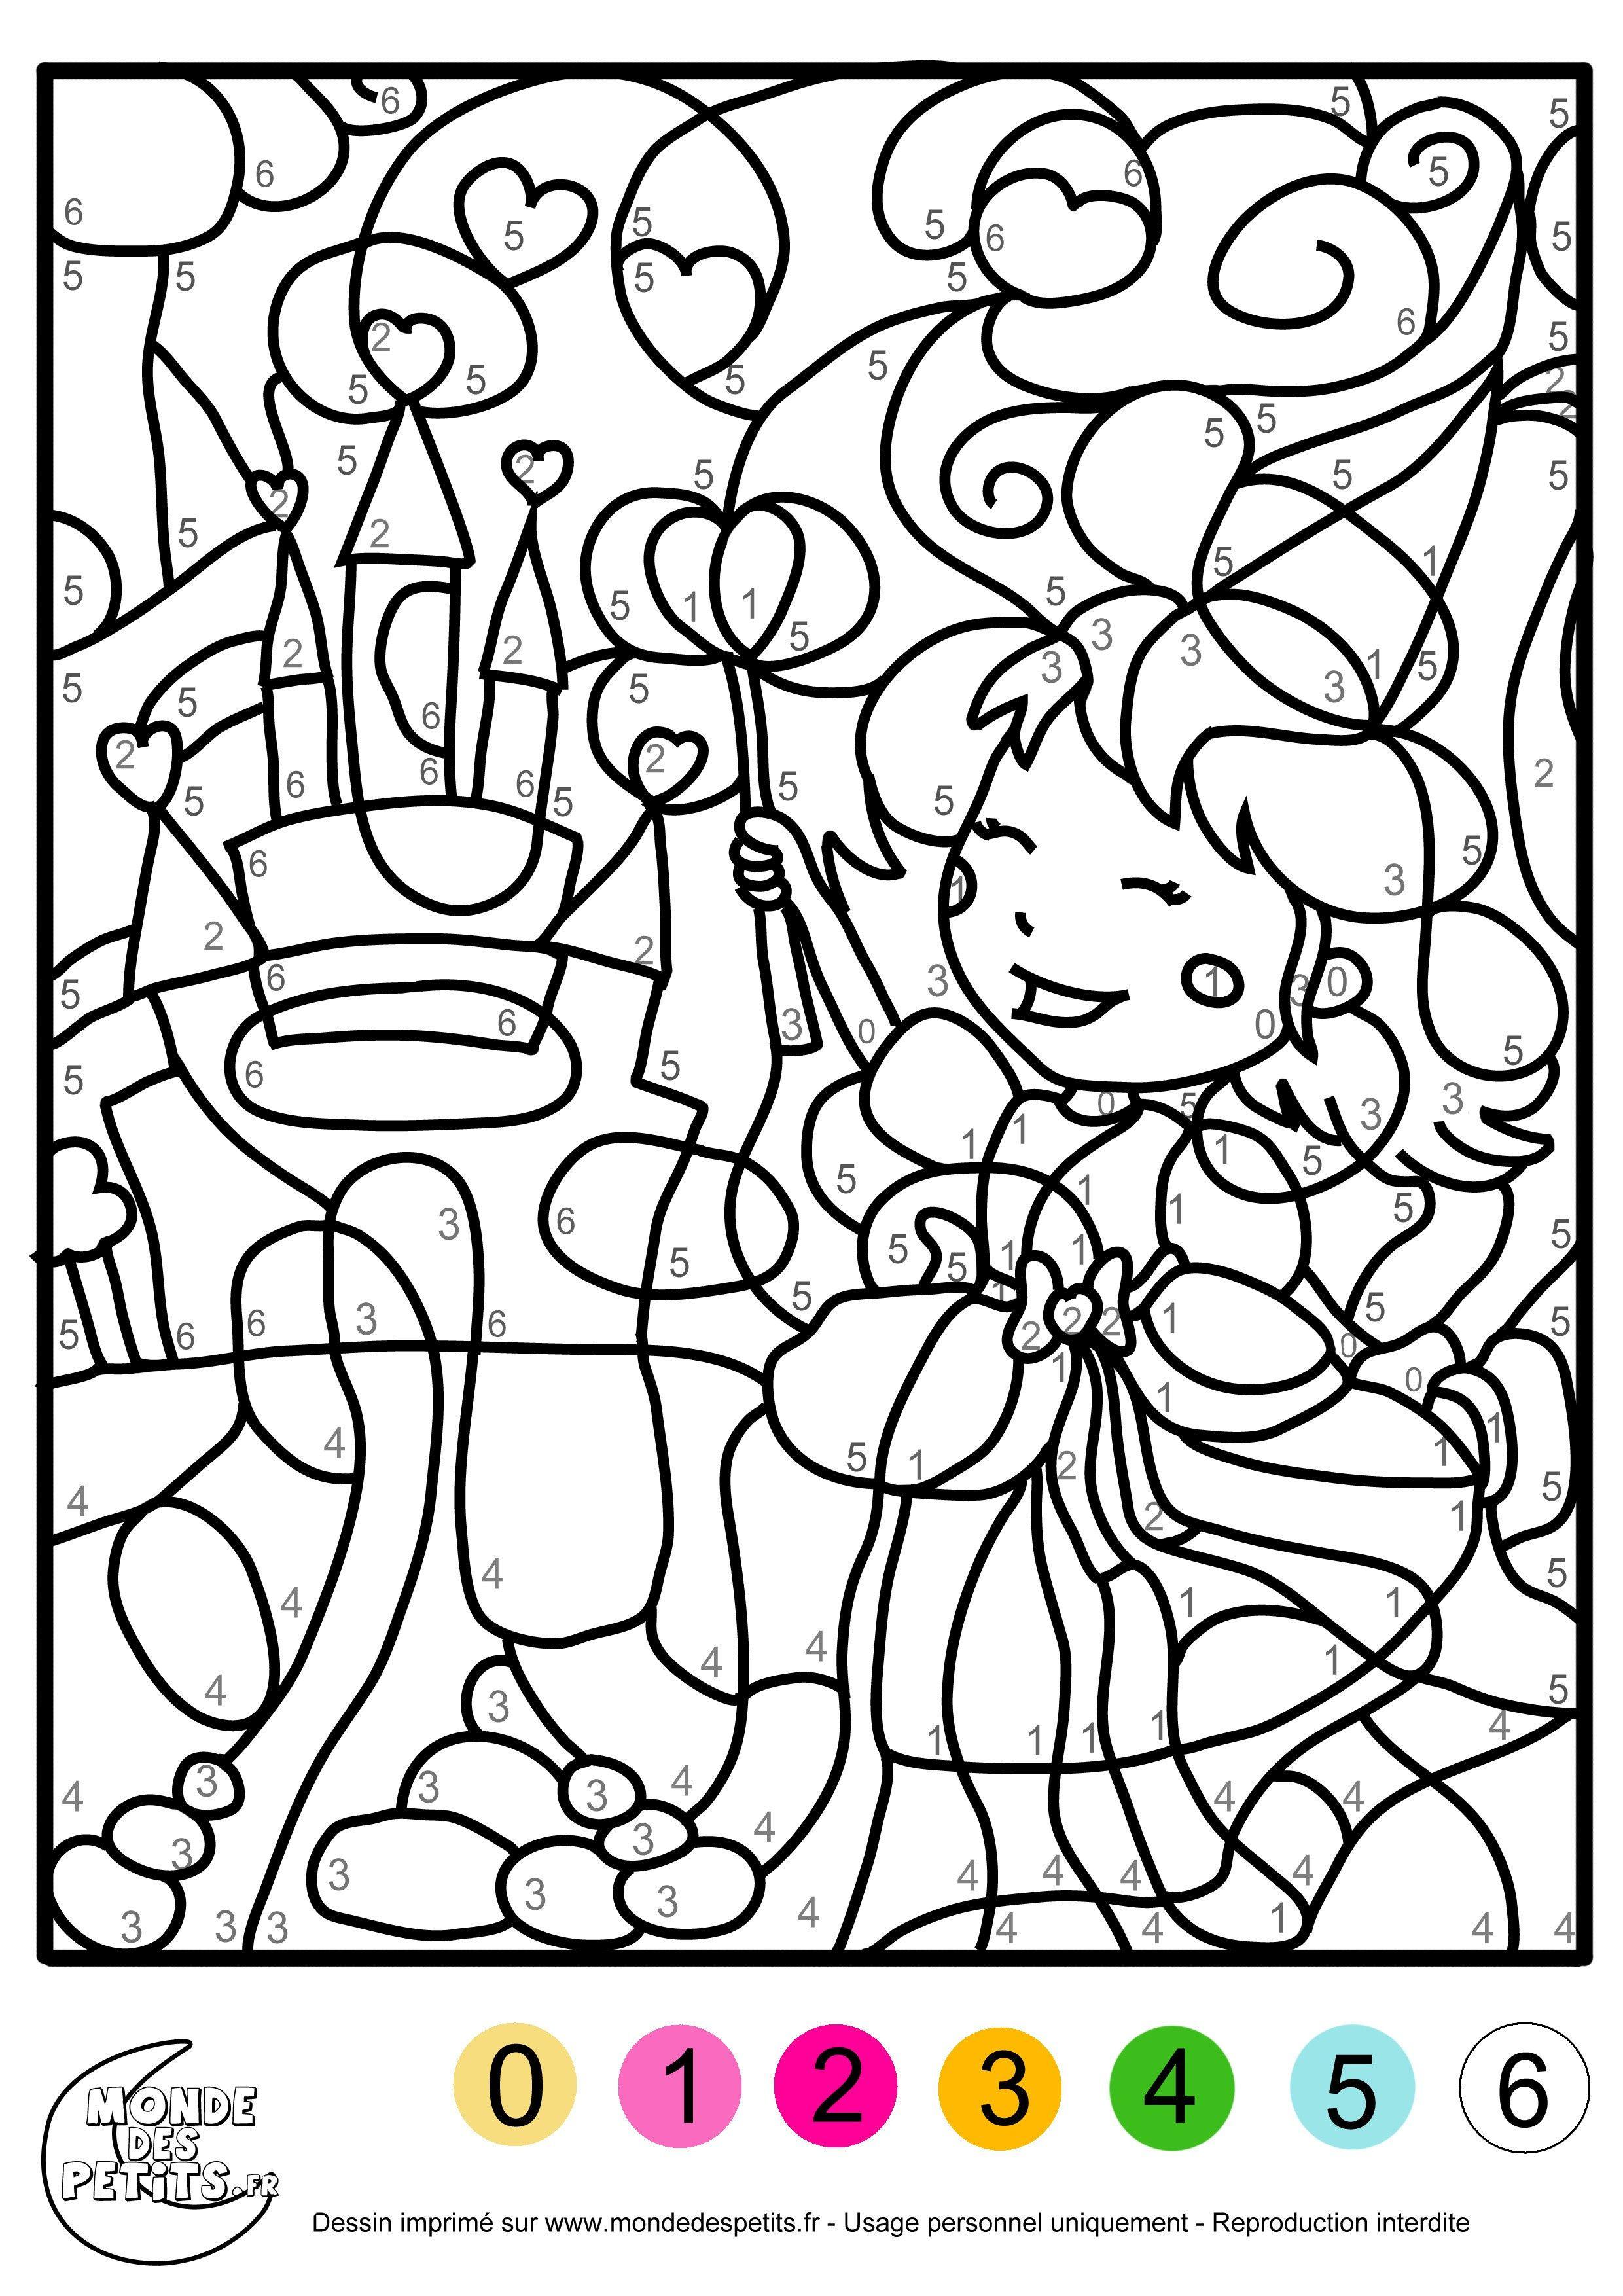 15 Utile Coloriage Pour Fille Photos Coloriage Numerote Coloriage Magique Coloriage Gratuit